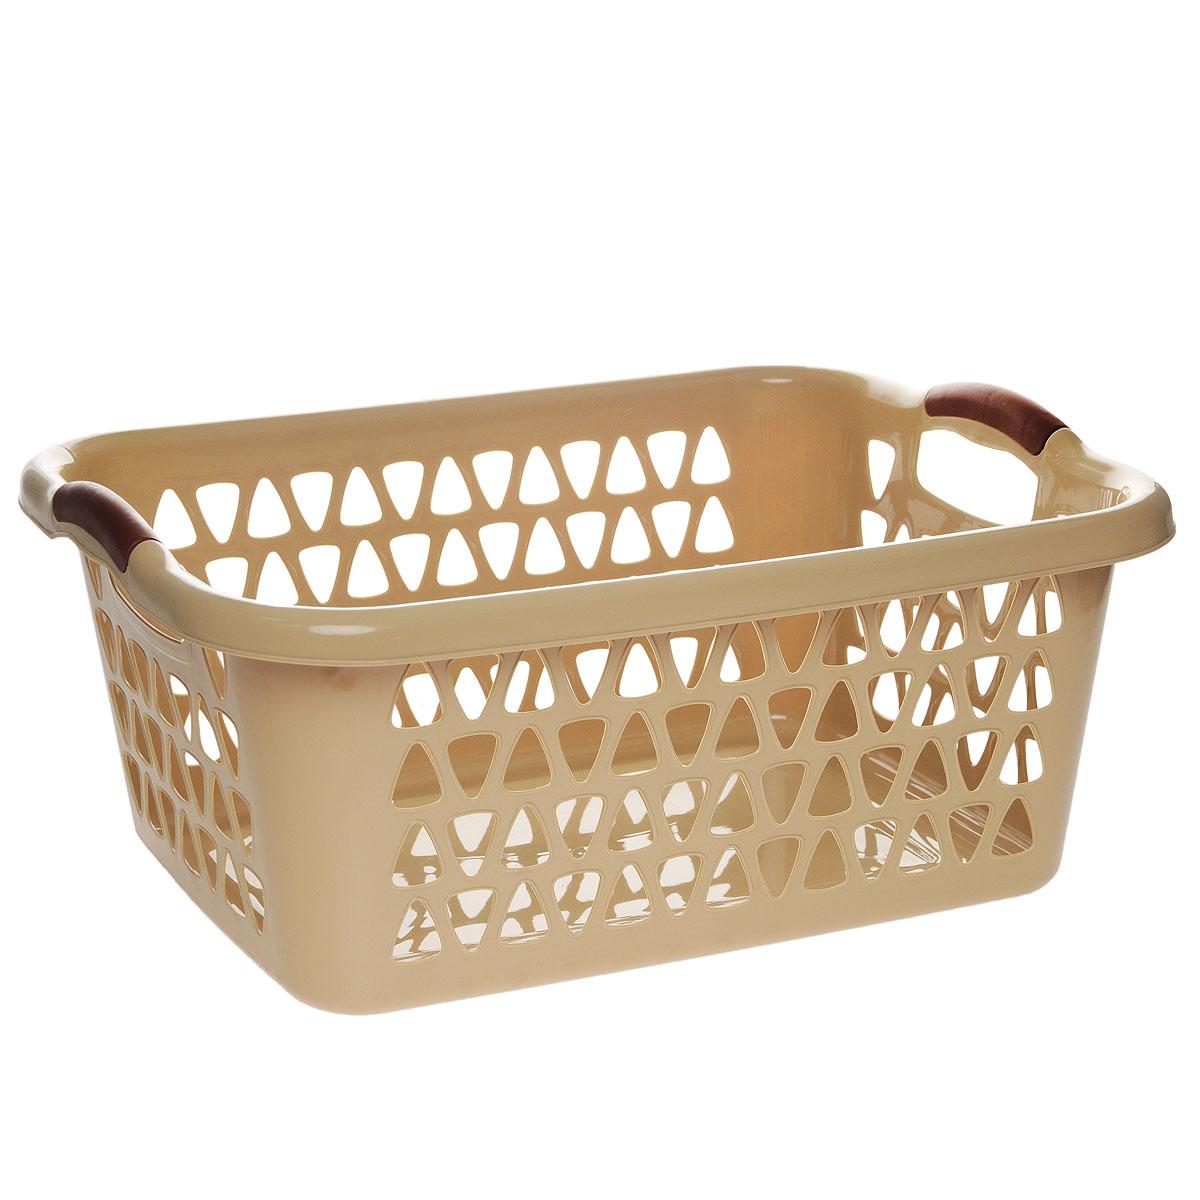 Корзина для хранения Dunya Plastik Симпатия, прямоугольная, цвет: бежевый, 51 х 35 х 20 см05101Классическая корзина Dunya Plastik Симпатия, изготовленная из пластика, предназначена для хранения мелочей в ванной, на кухне, даче или гараже. Позволяет хранить мелкие вещи, исключая возможность их потери. Это легкая корзина со сплошным дном, жесткой кромкой, с небольшими отверстиями. Изделие оснащено удобными ручками. Размер: 51 см х 35 см х 20 см.